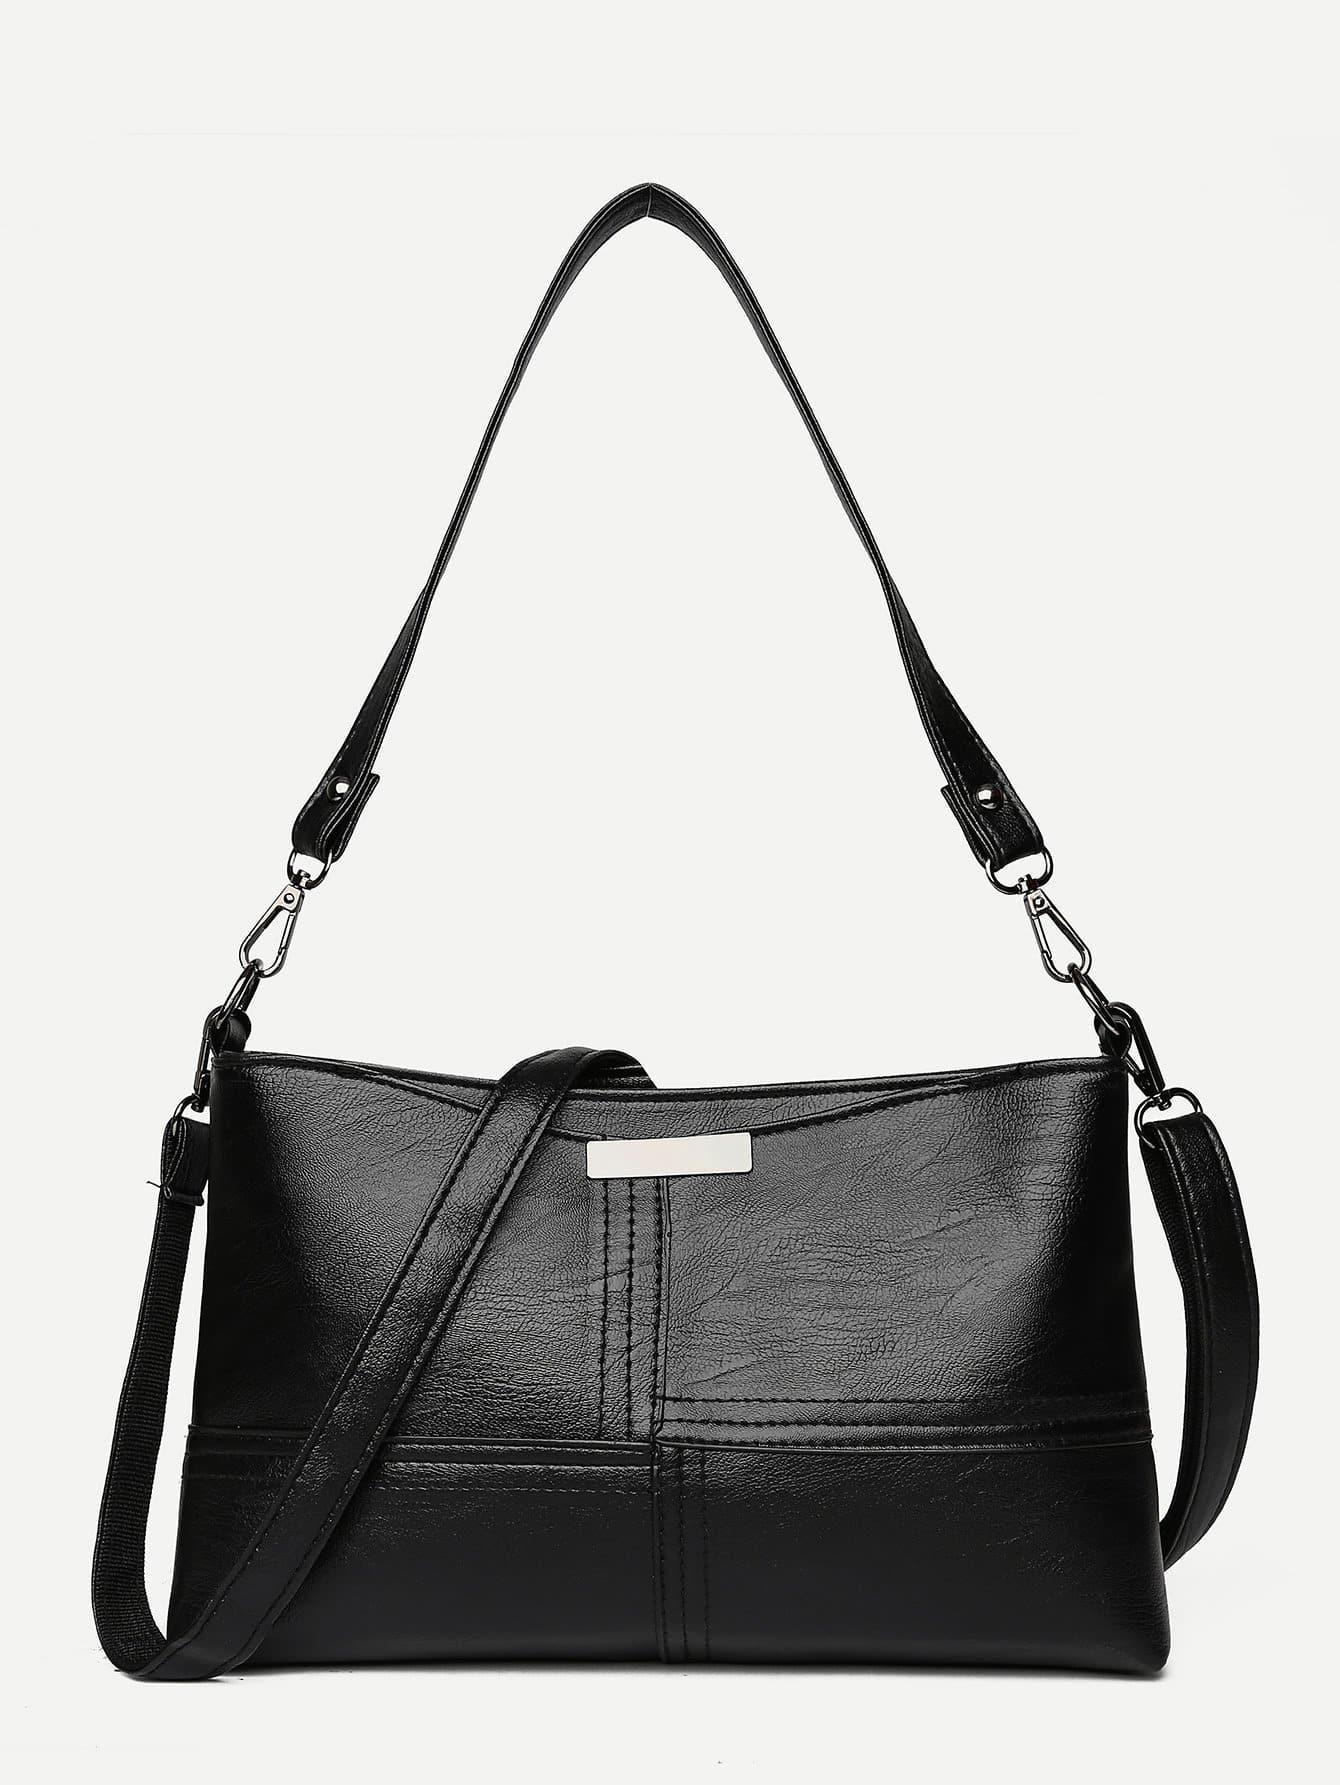 Купить Наплечные сумки чёрный Сумки, null, SheIn